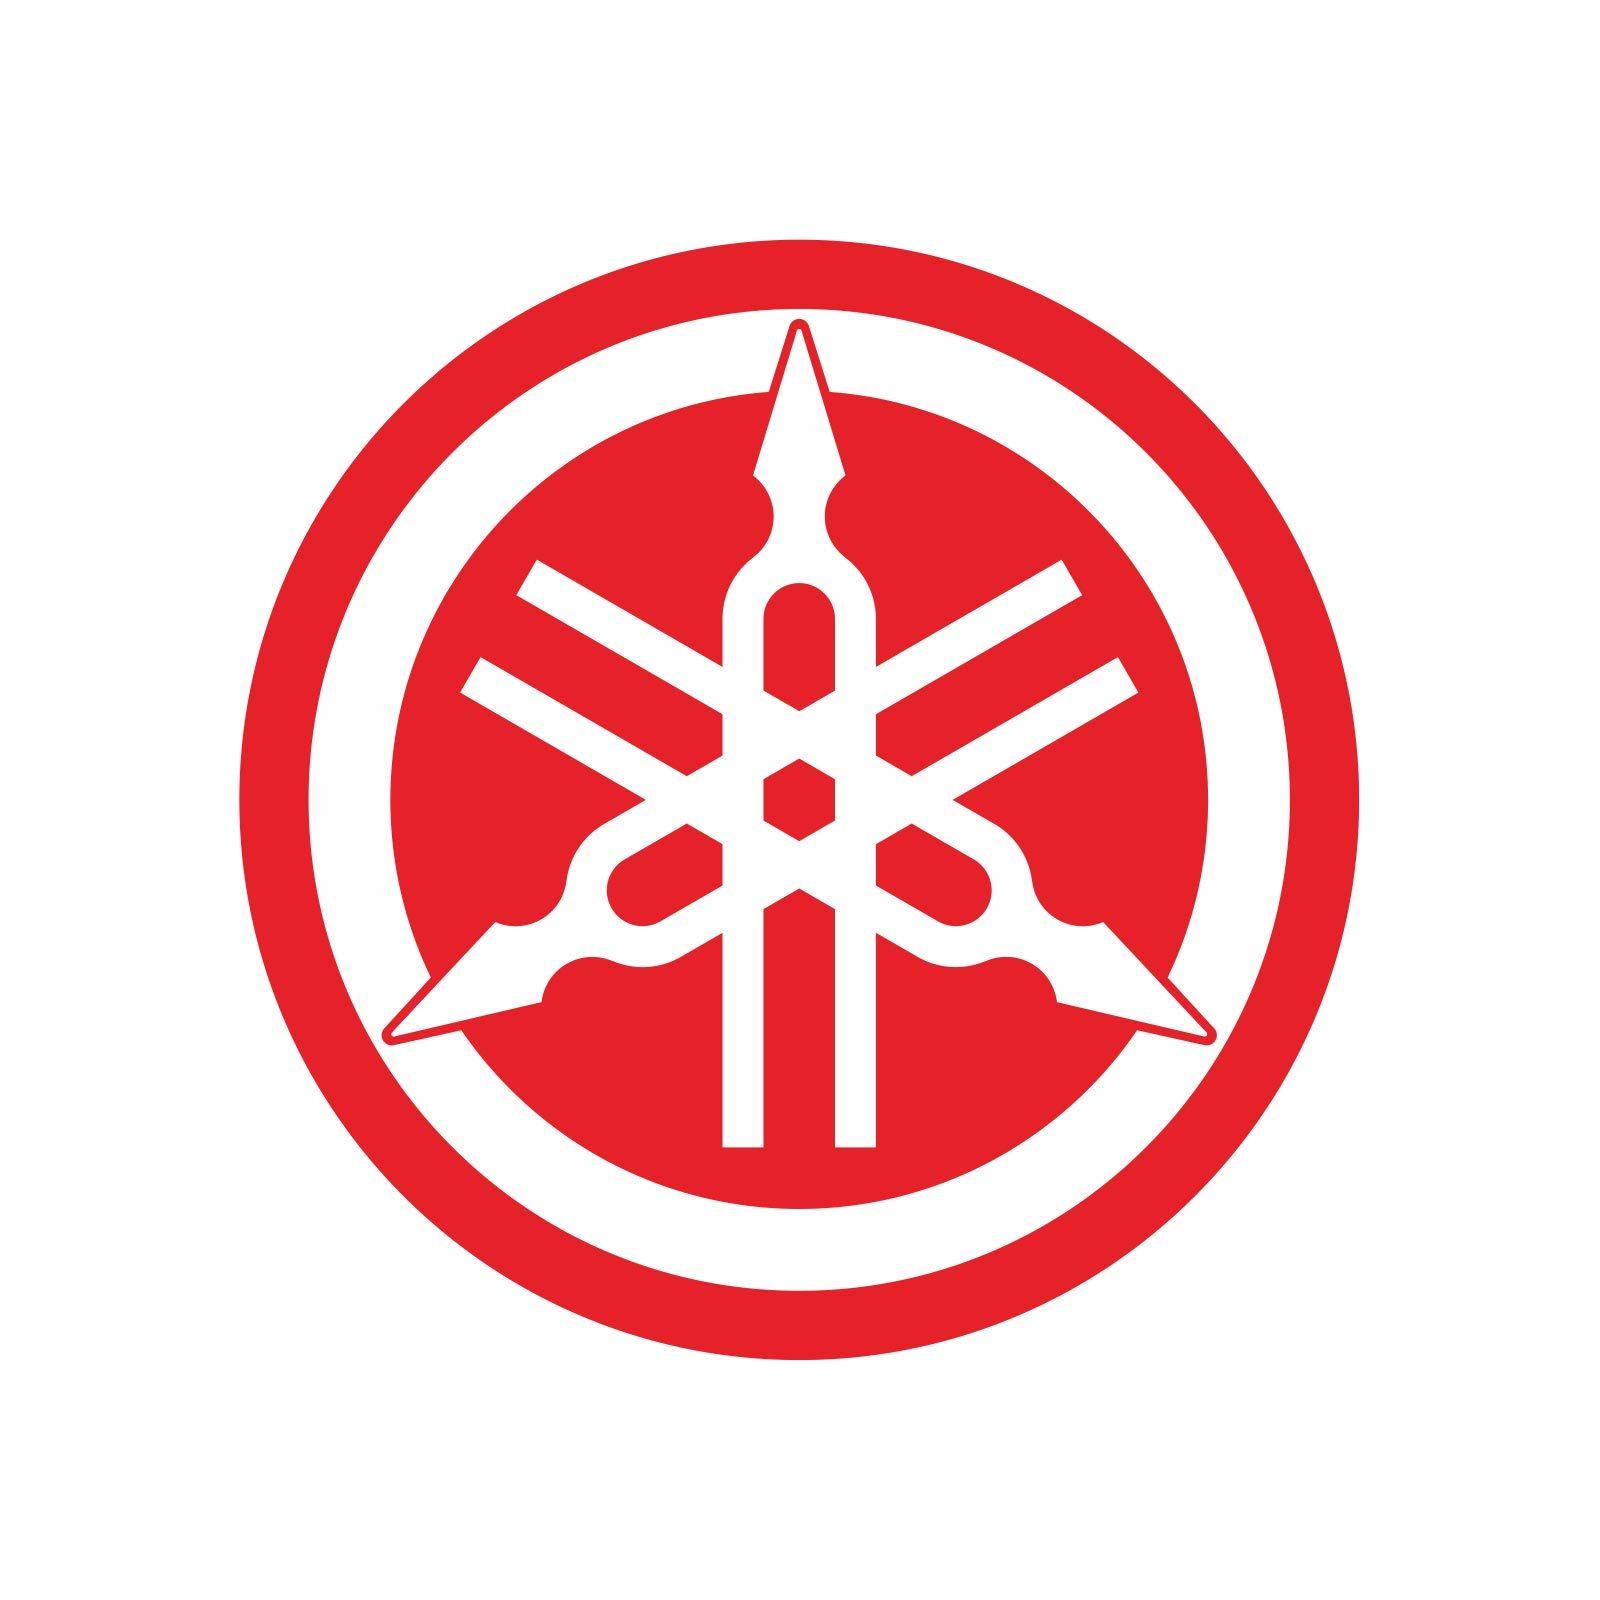 Yamaha Motorcycle Symbol